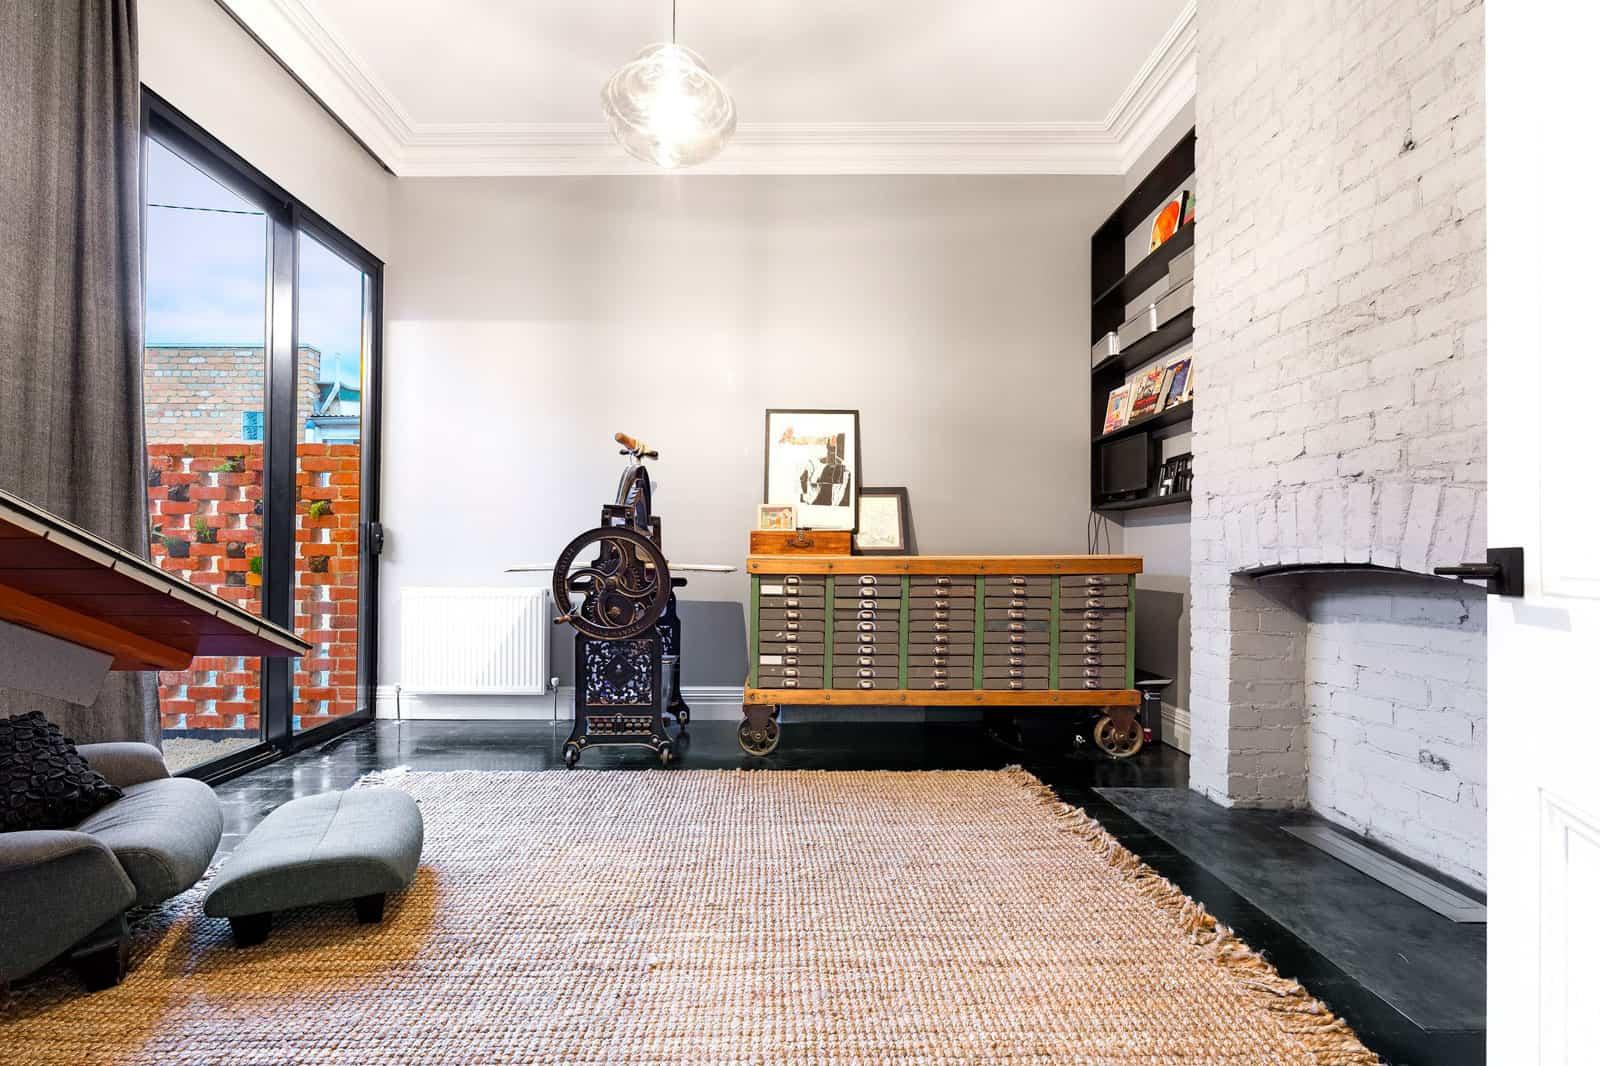 Rara Architecture Renovates a Home in Melbourne, Australia